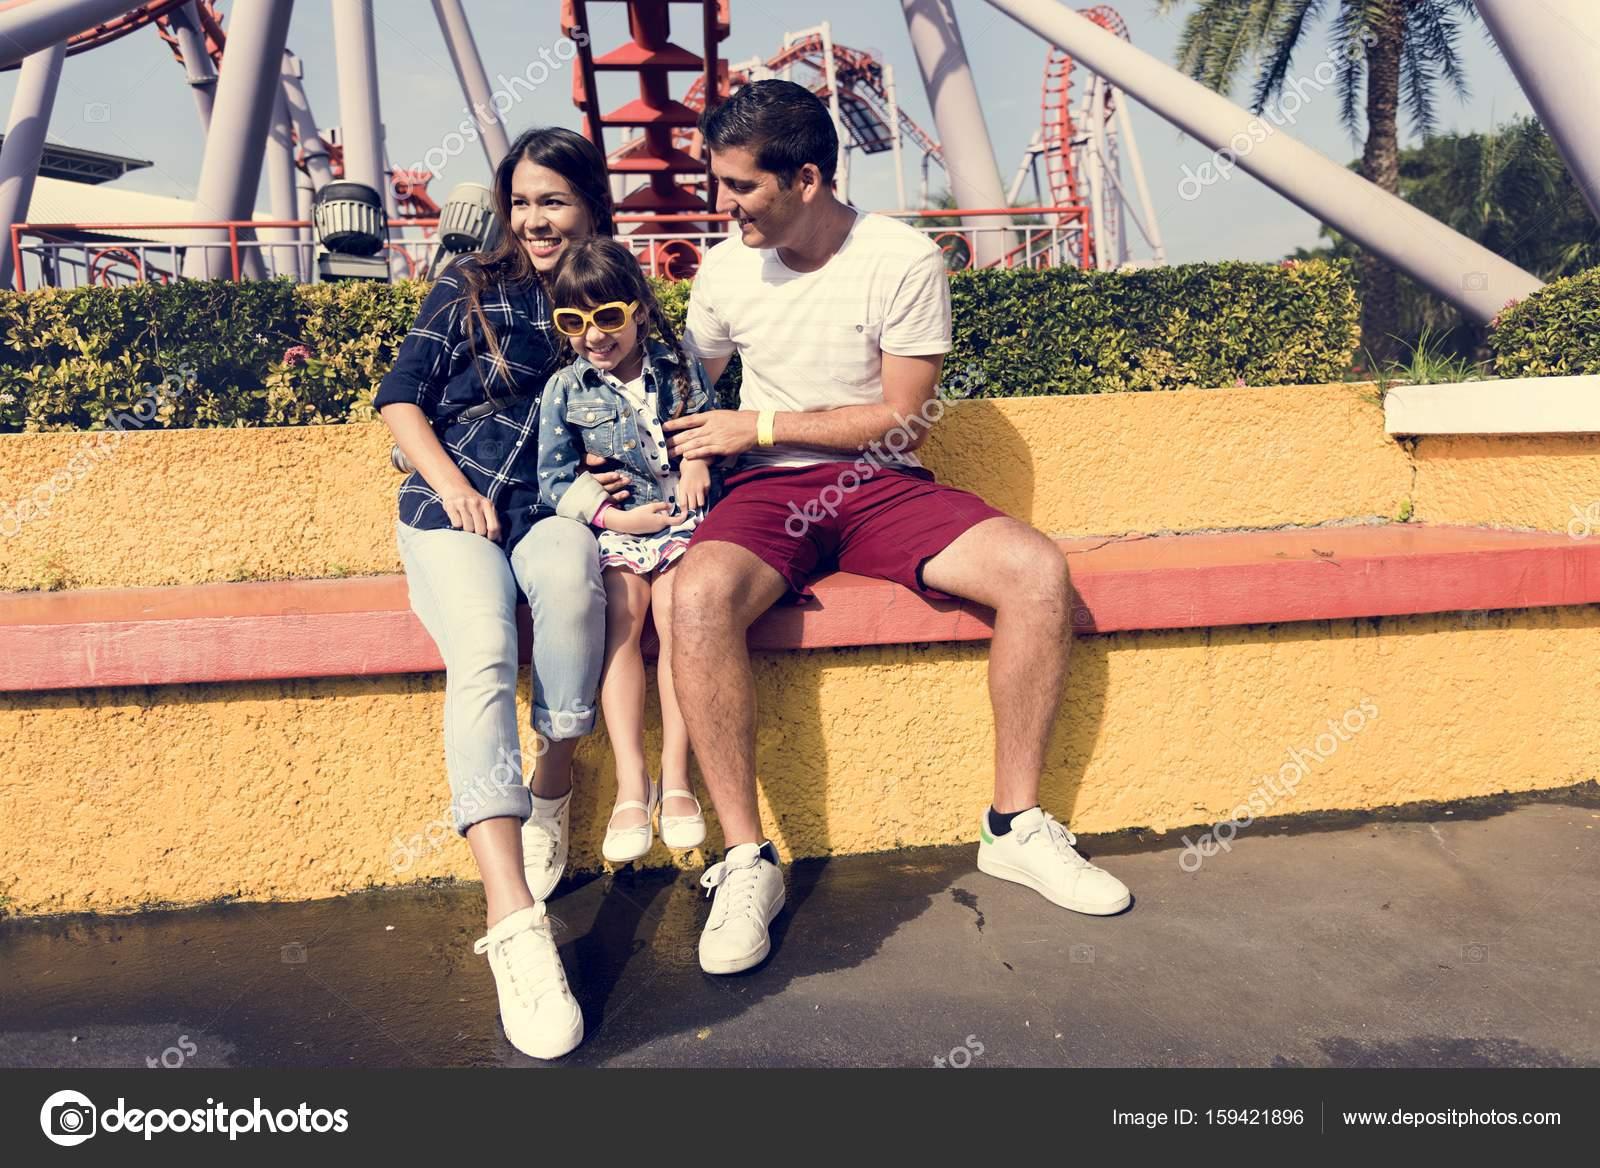 Crianças Se Divertindo No Parque: Família Se Divertindo No Parque De Diversões